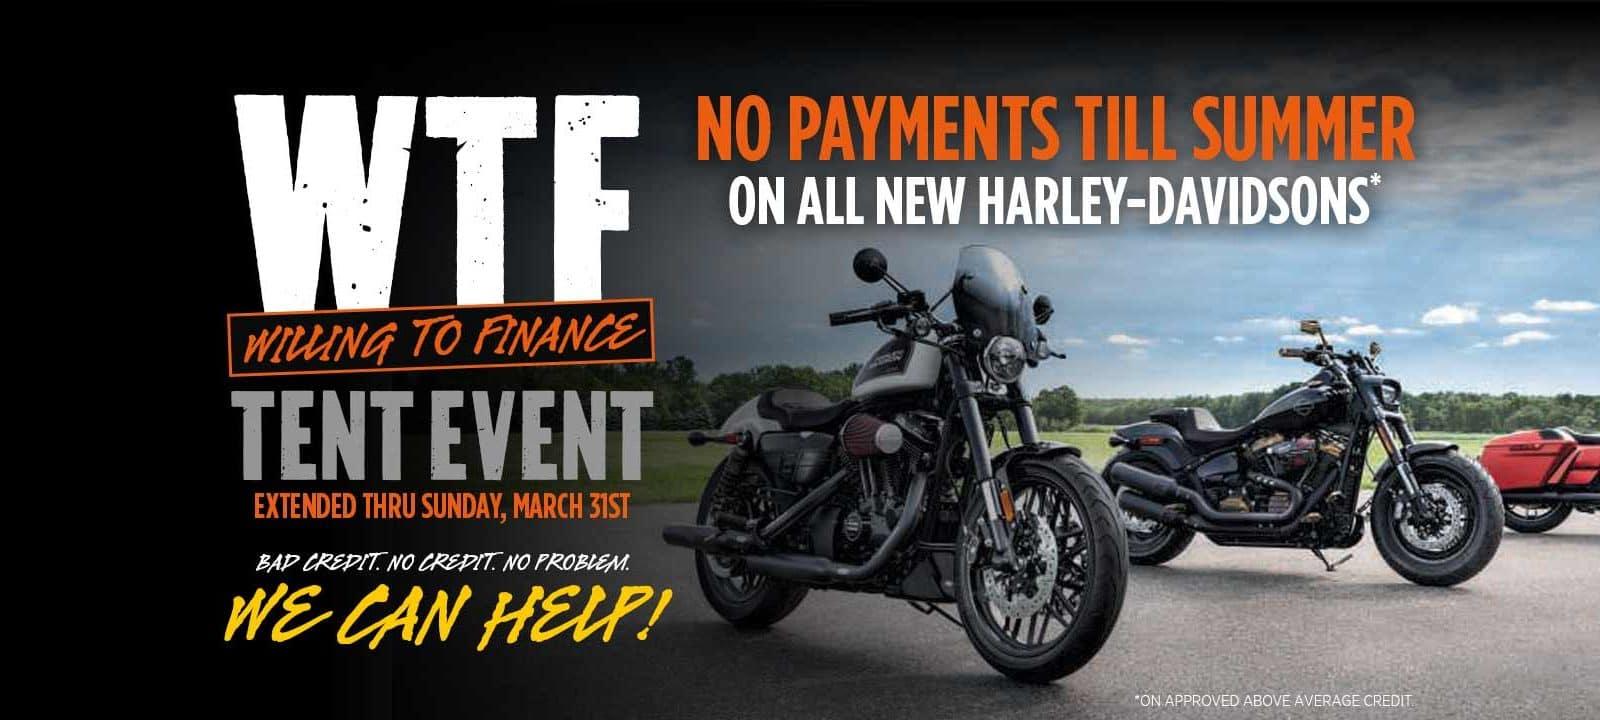 20190325-RKHD-1800x720-WTF-Tent-Event-No-Payments